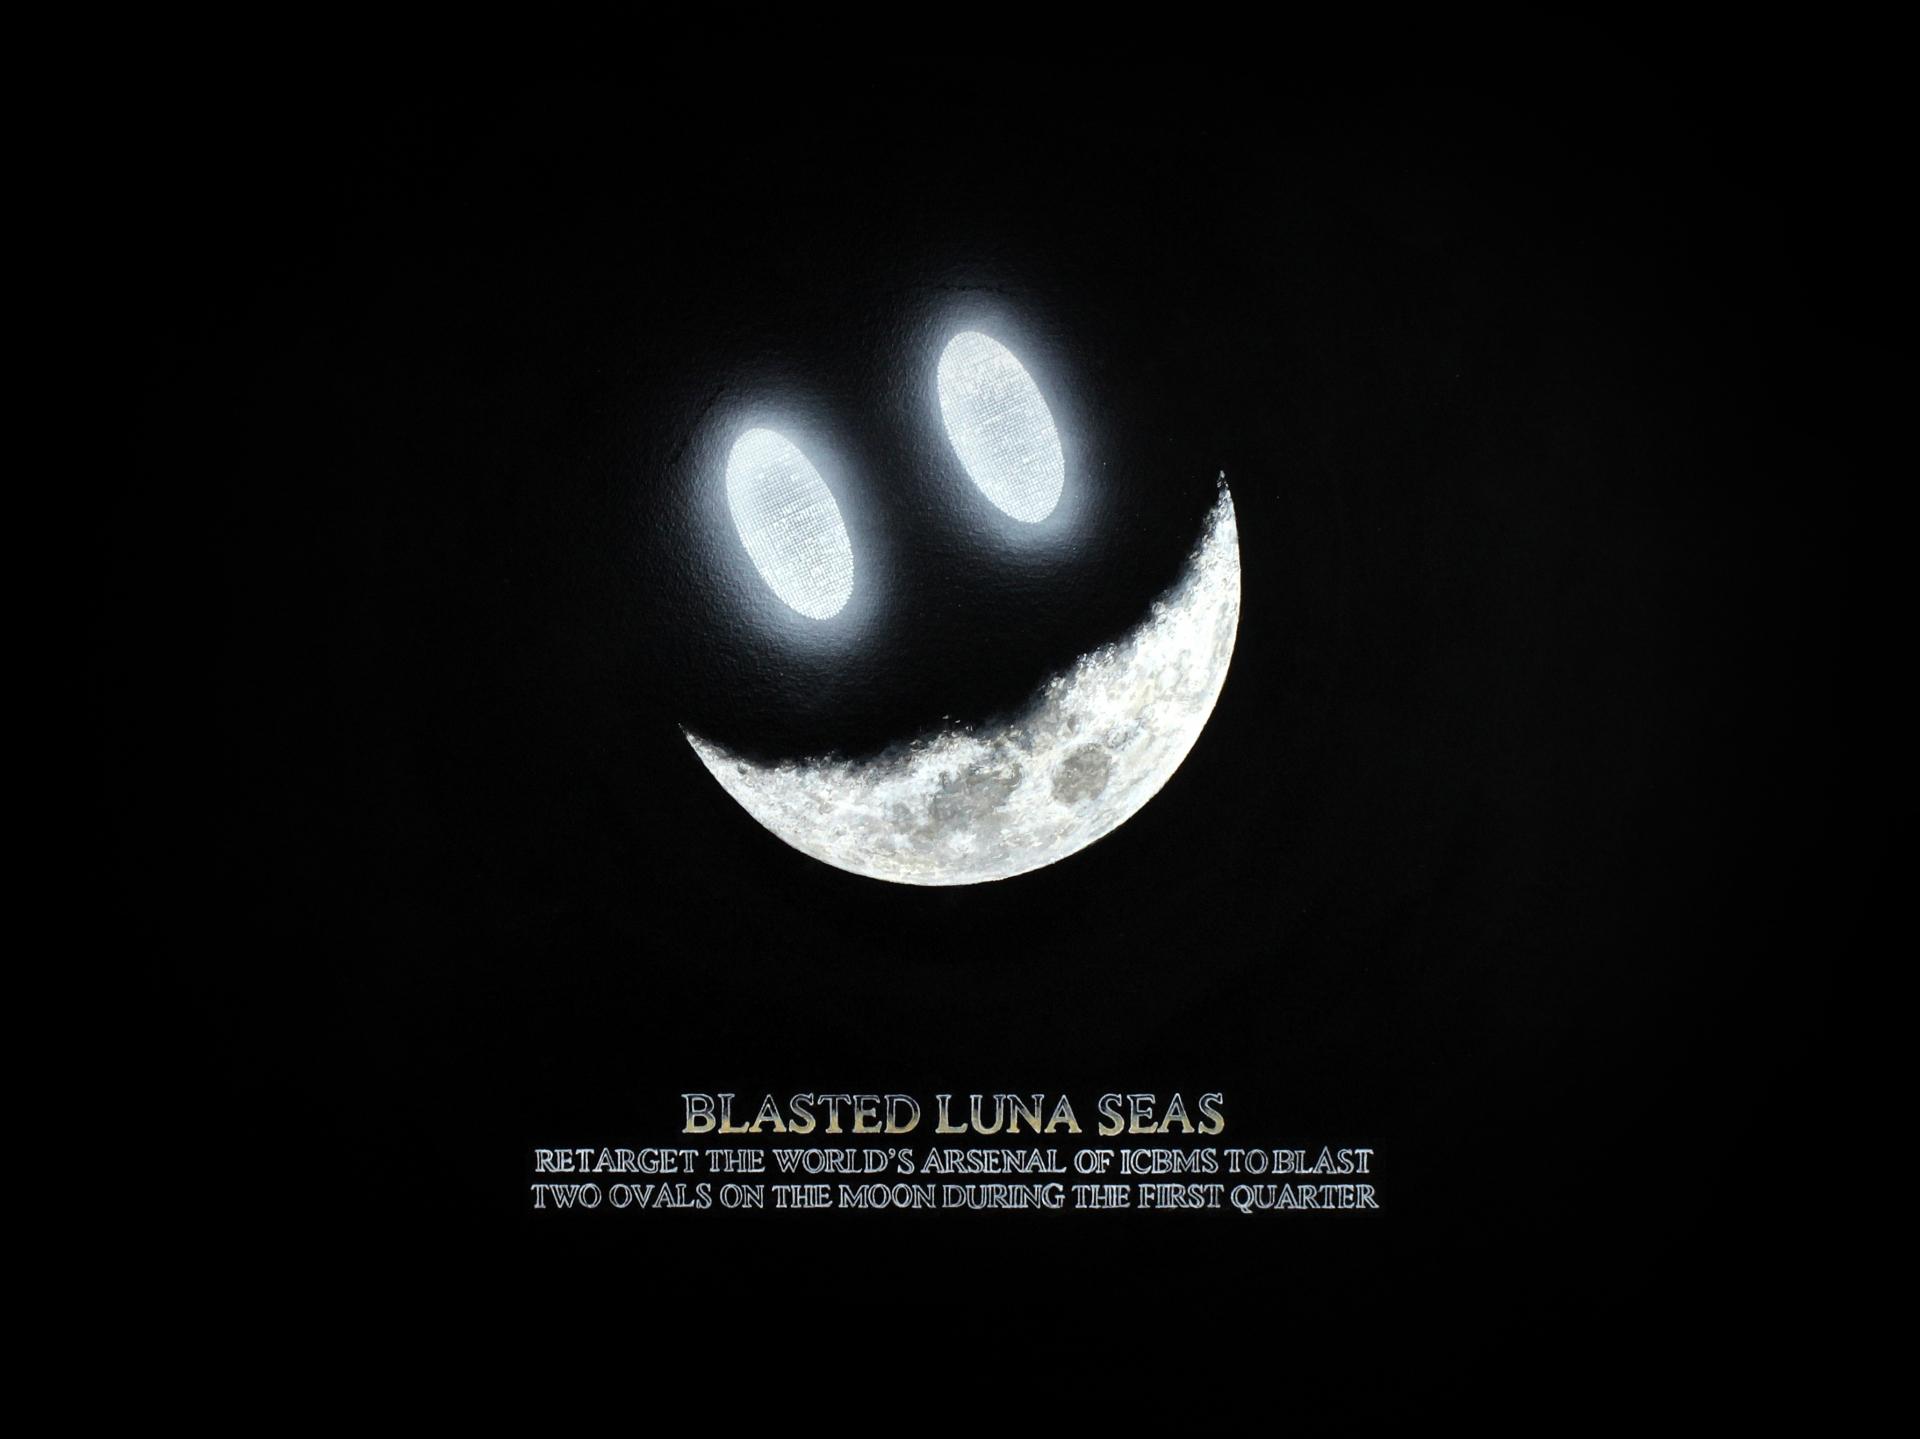 Stephen Kaltenbach, Morza wysadzone w powierzchni księżyca, 2007, węgiel i akryl, papier